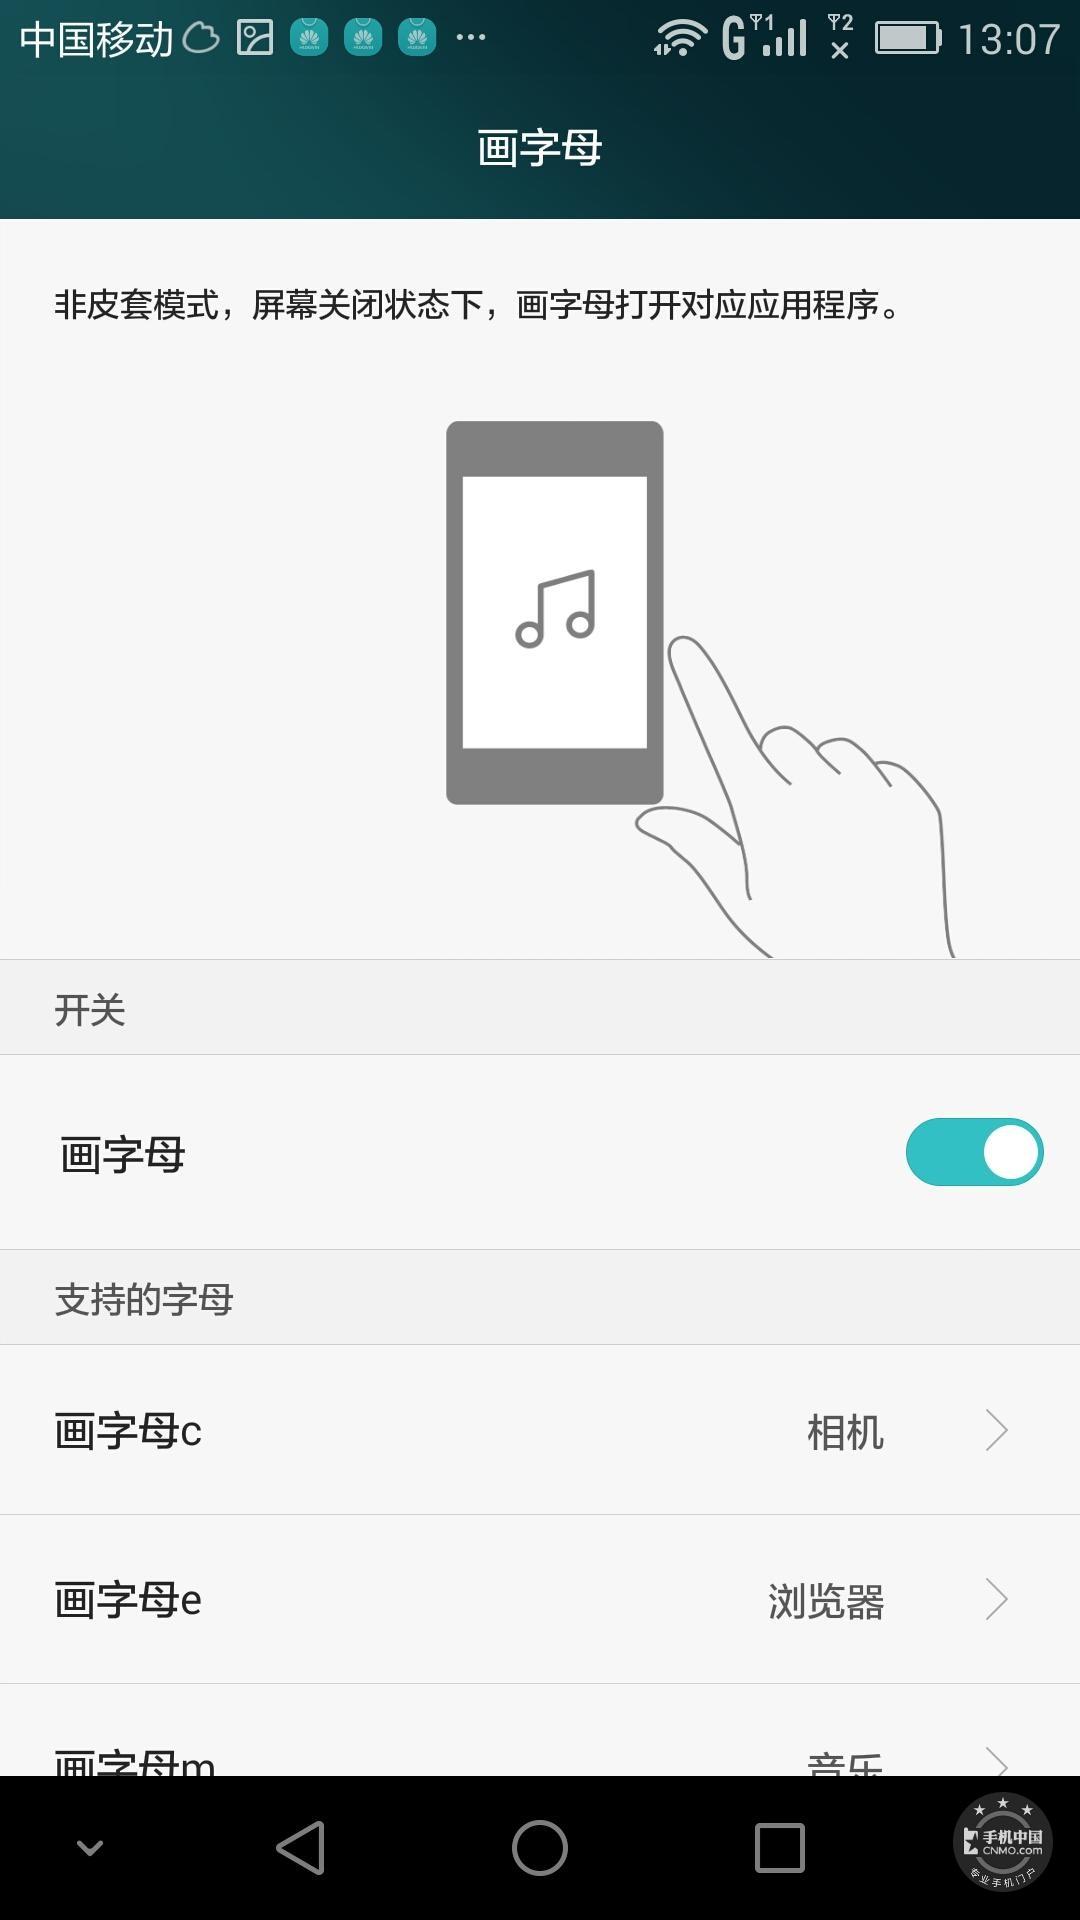 荣耀6Plus(移动4G)手机功能界面第8张